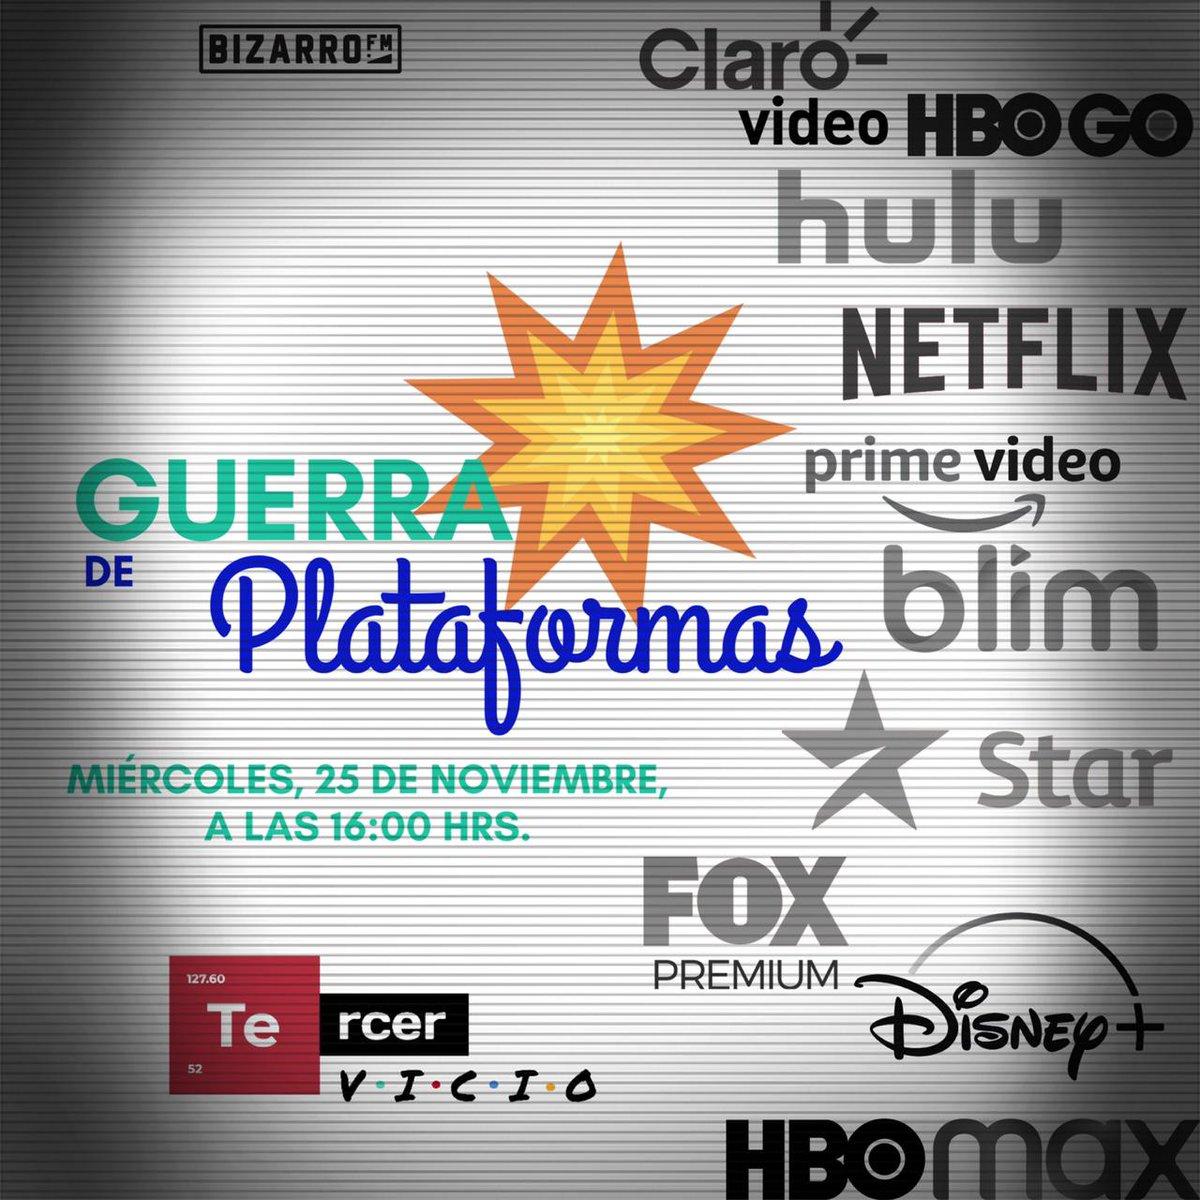 Oficialmente #DisneyPlus llegó a México para entrar al campo de batalla. Hoy estaremos platicando sobre esta plataforma y sus principales rivales.    Nos escuchamos sólo por @bizarrofm    #SurgeIndependiente #BizarroSigue #Netflix #Amazon #HBO #Radio